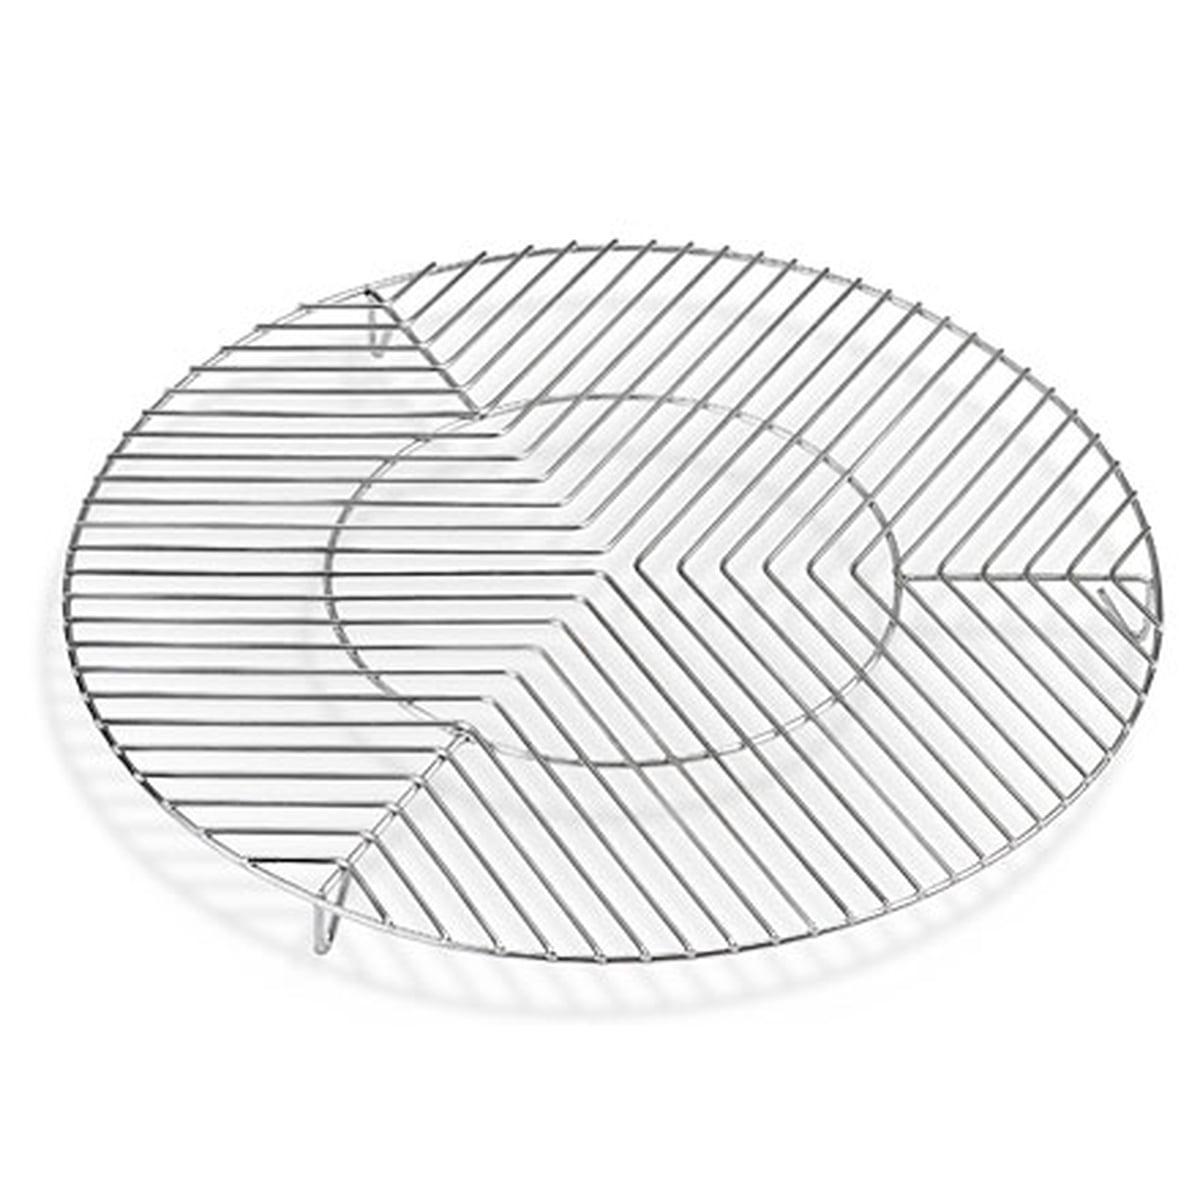 Skagerak - Stahlrost für Helios Feuerstelle Ø 56 cm, Edelstahl | Garten > Grill und Zubehör > Feürstellen | Skagerak